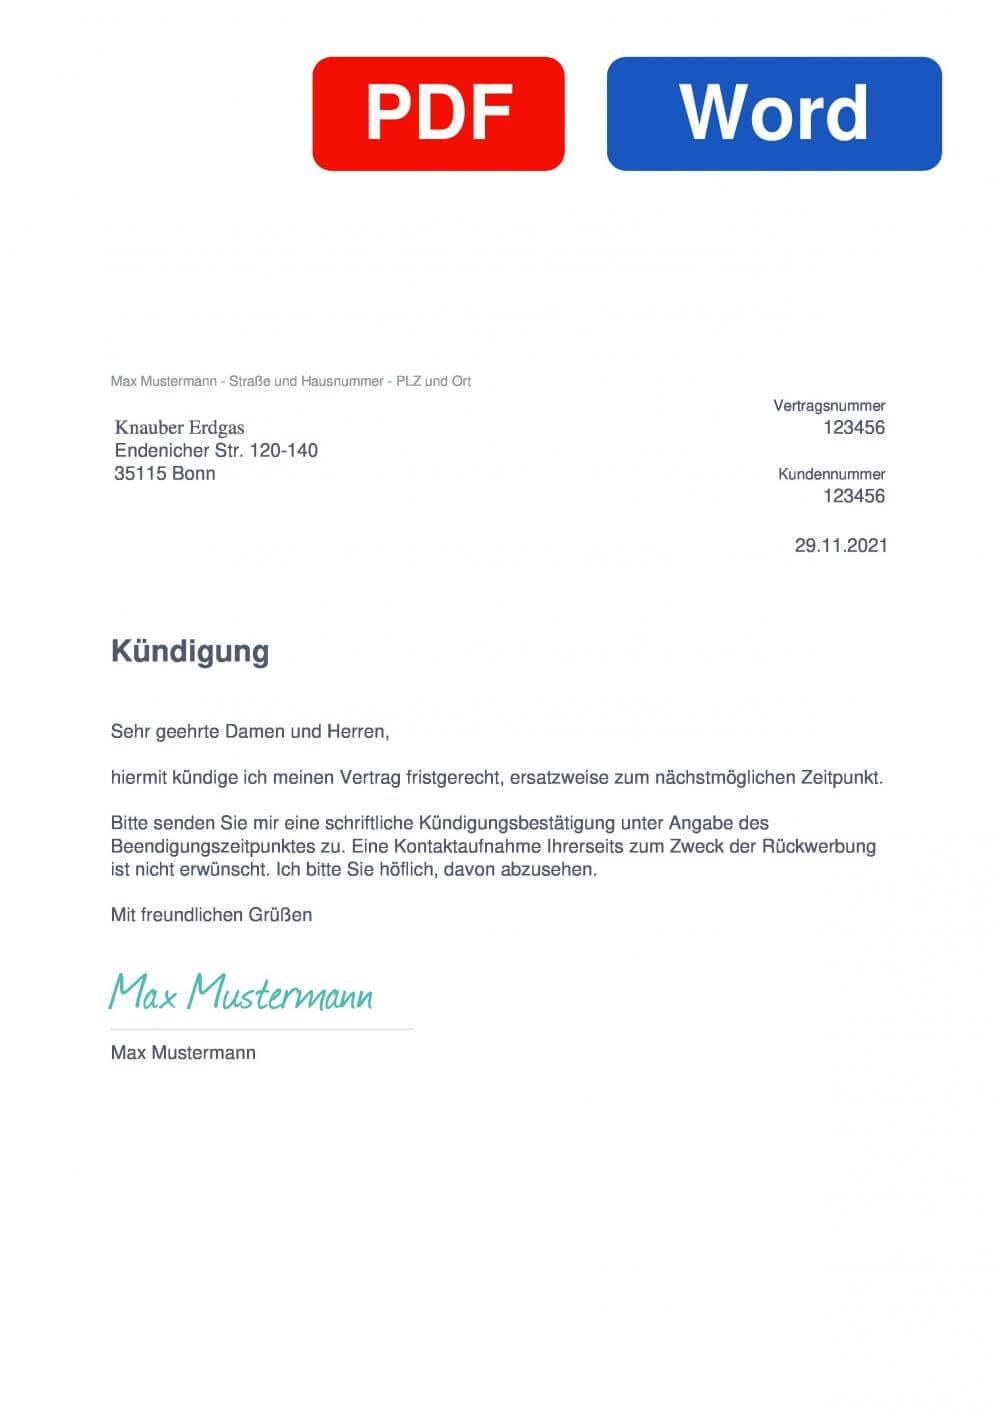 Knauber Erdgas Muster Vorlage für Kündigungsschreiben